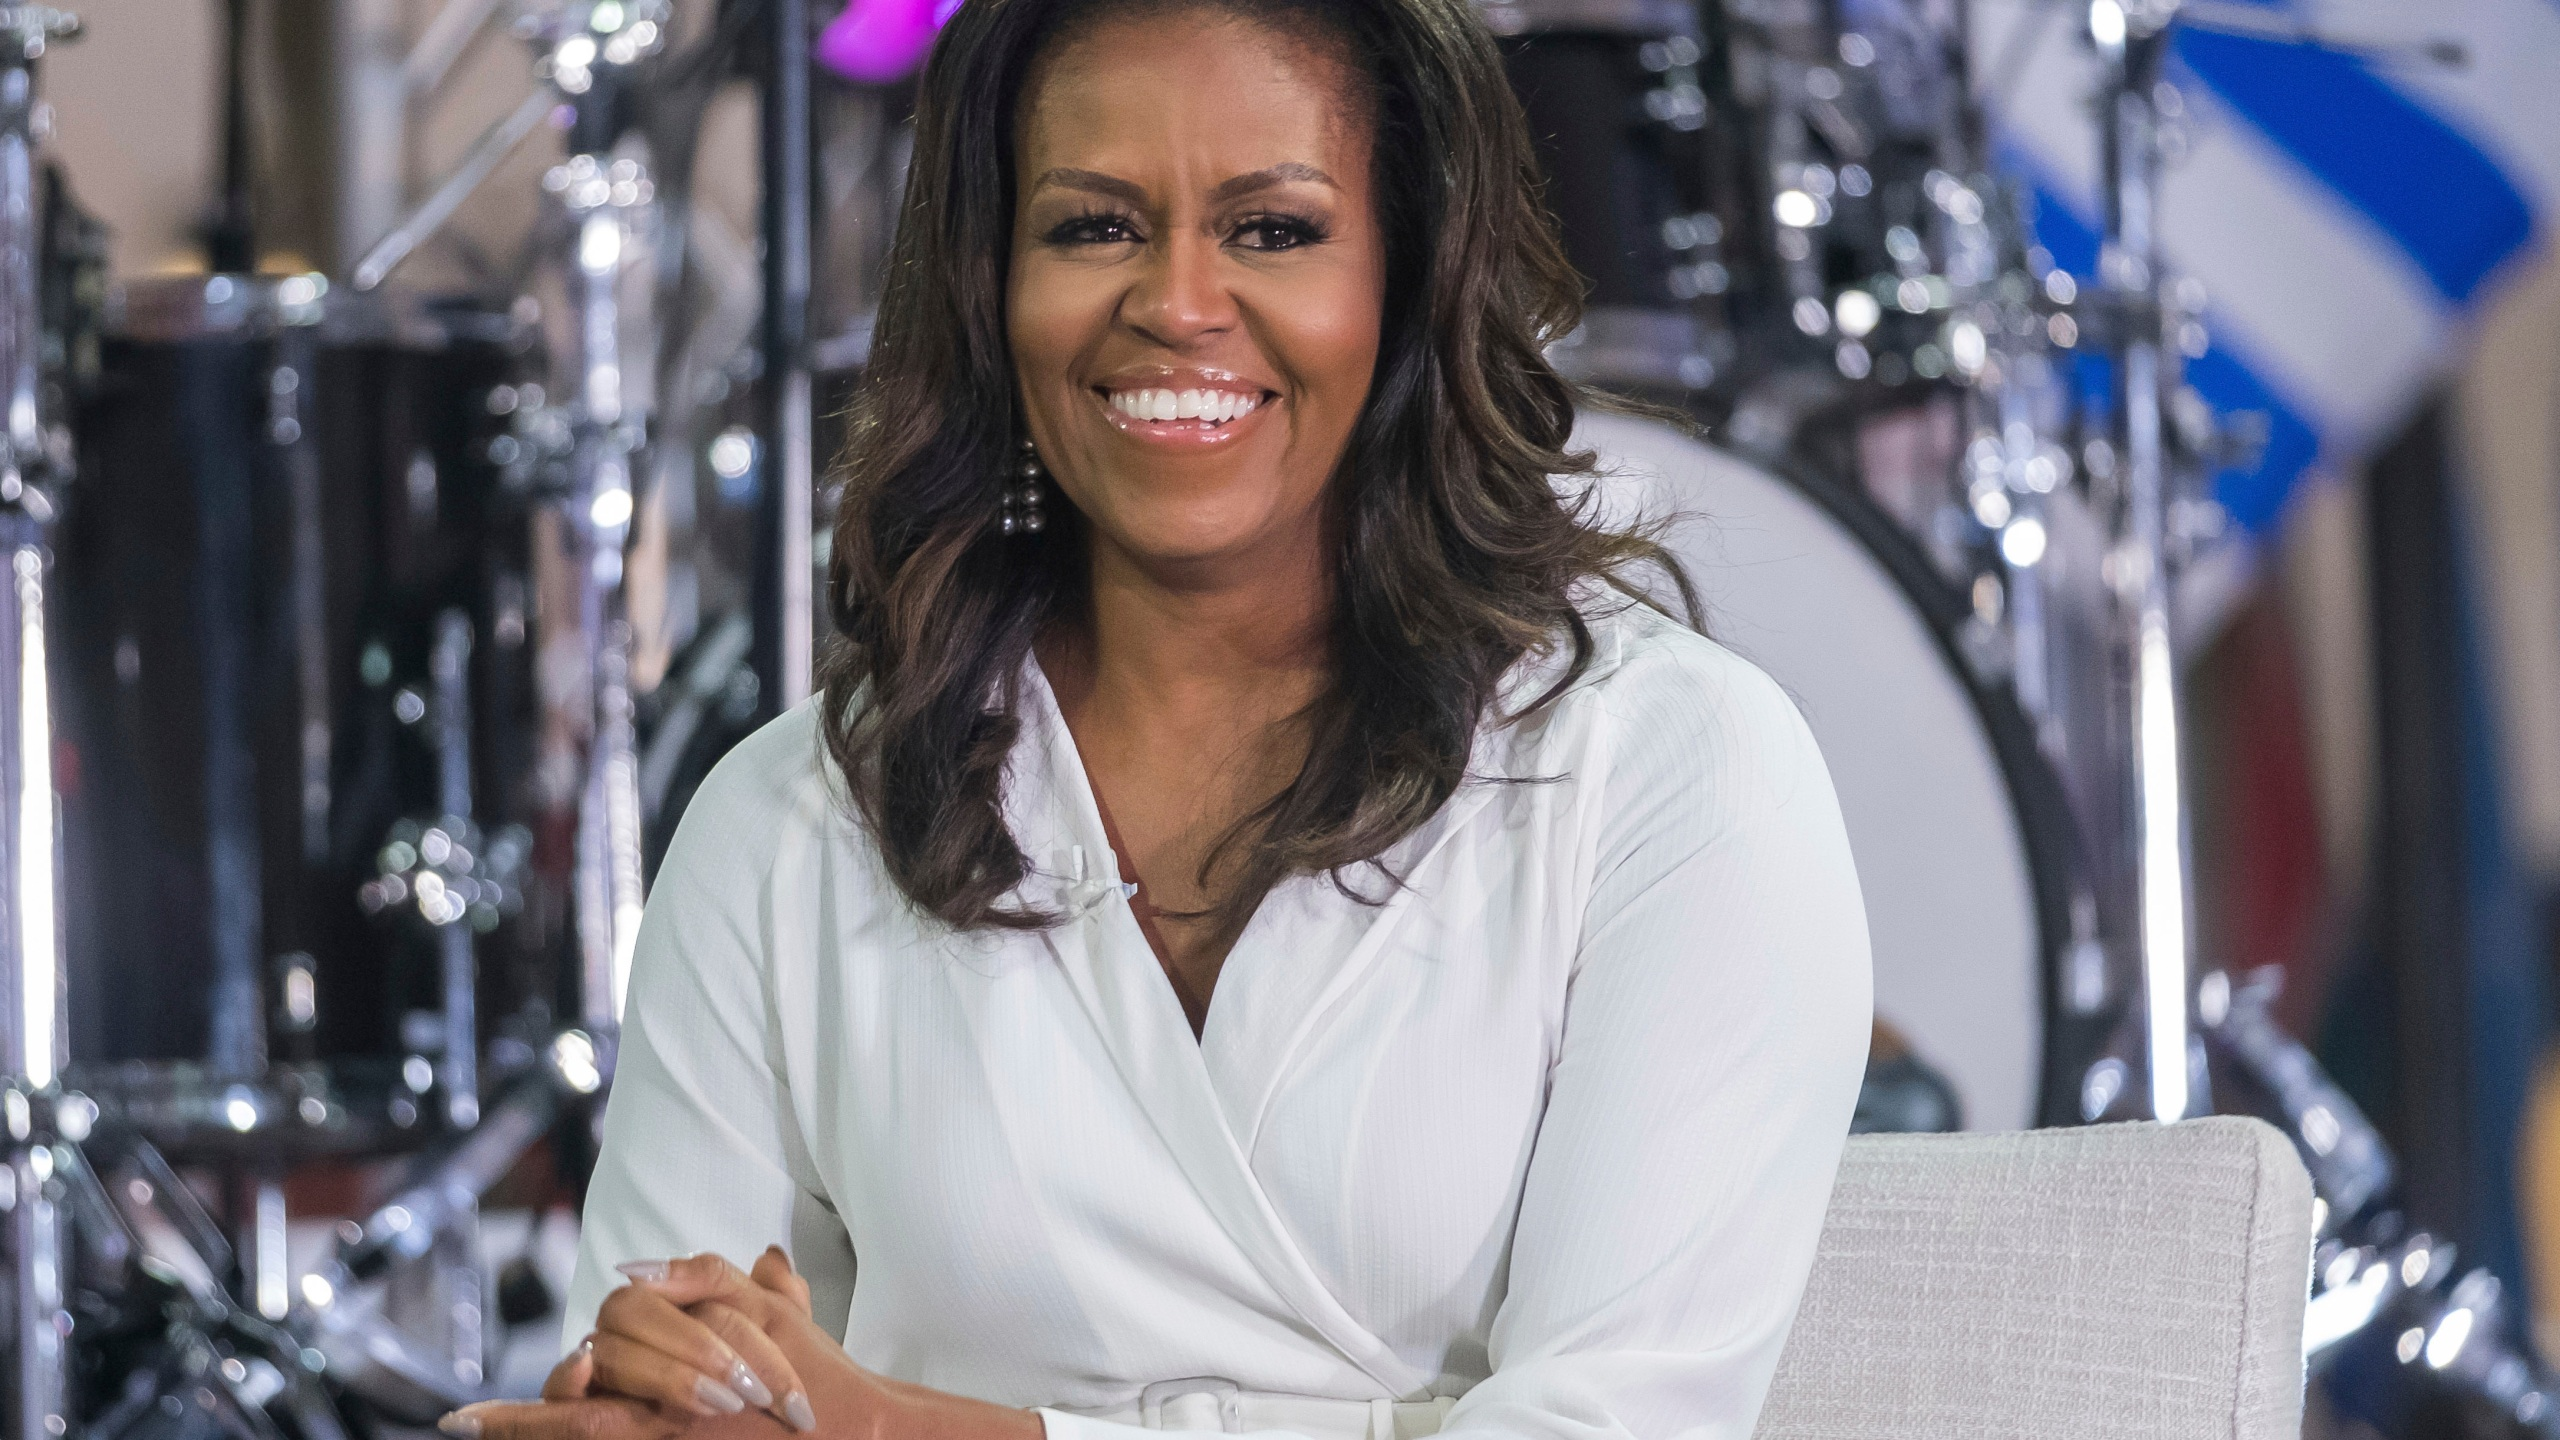 Michelle_Obama_95619-159532.jpg25532001